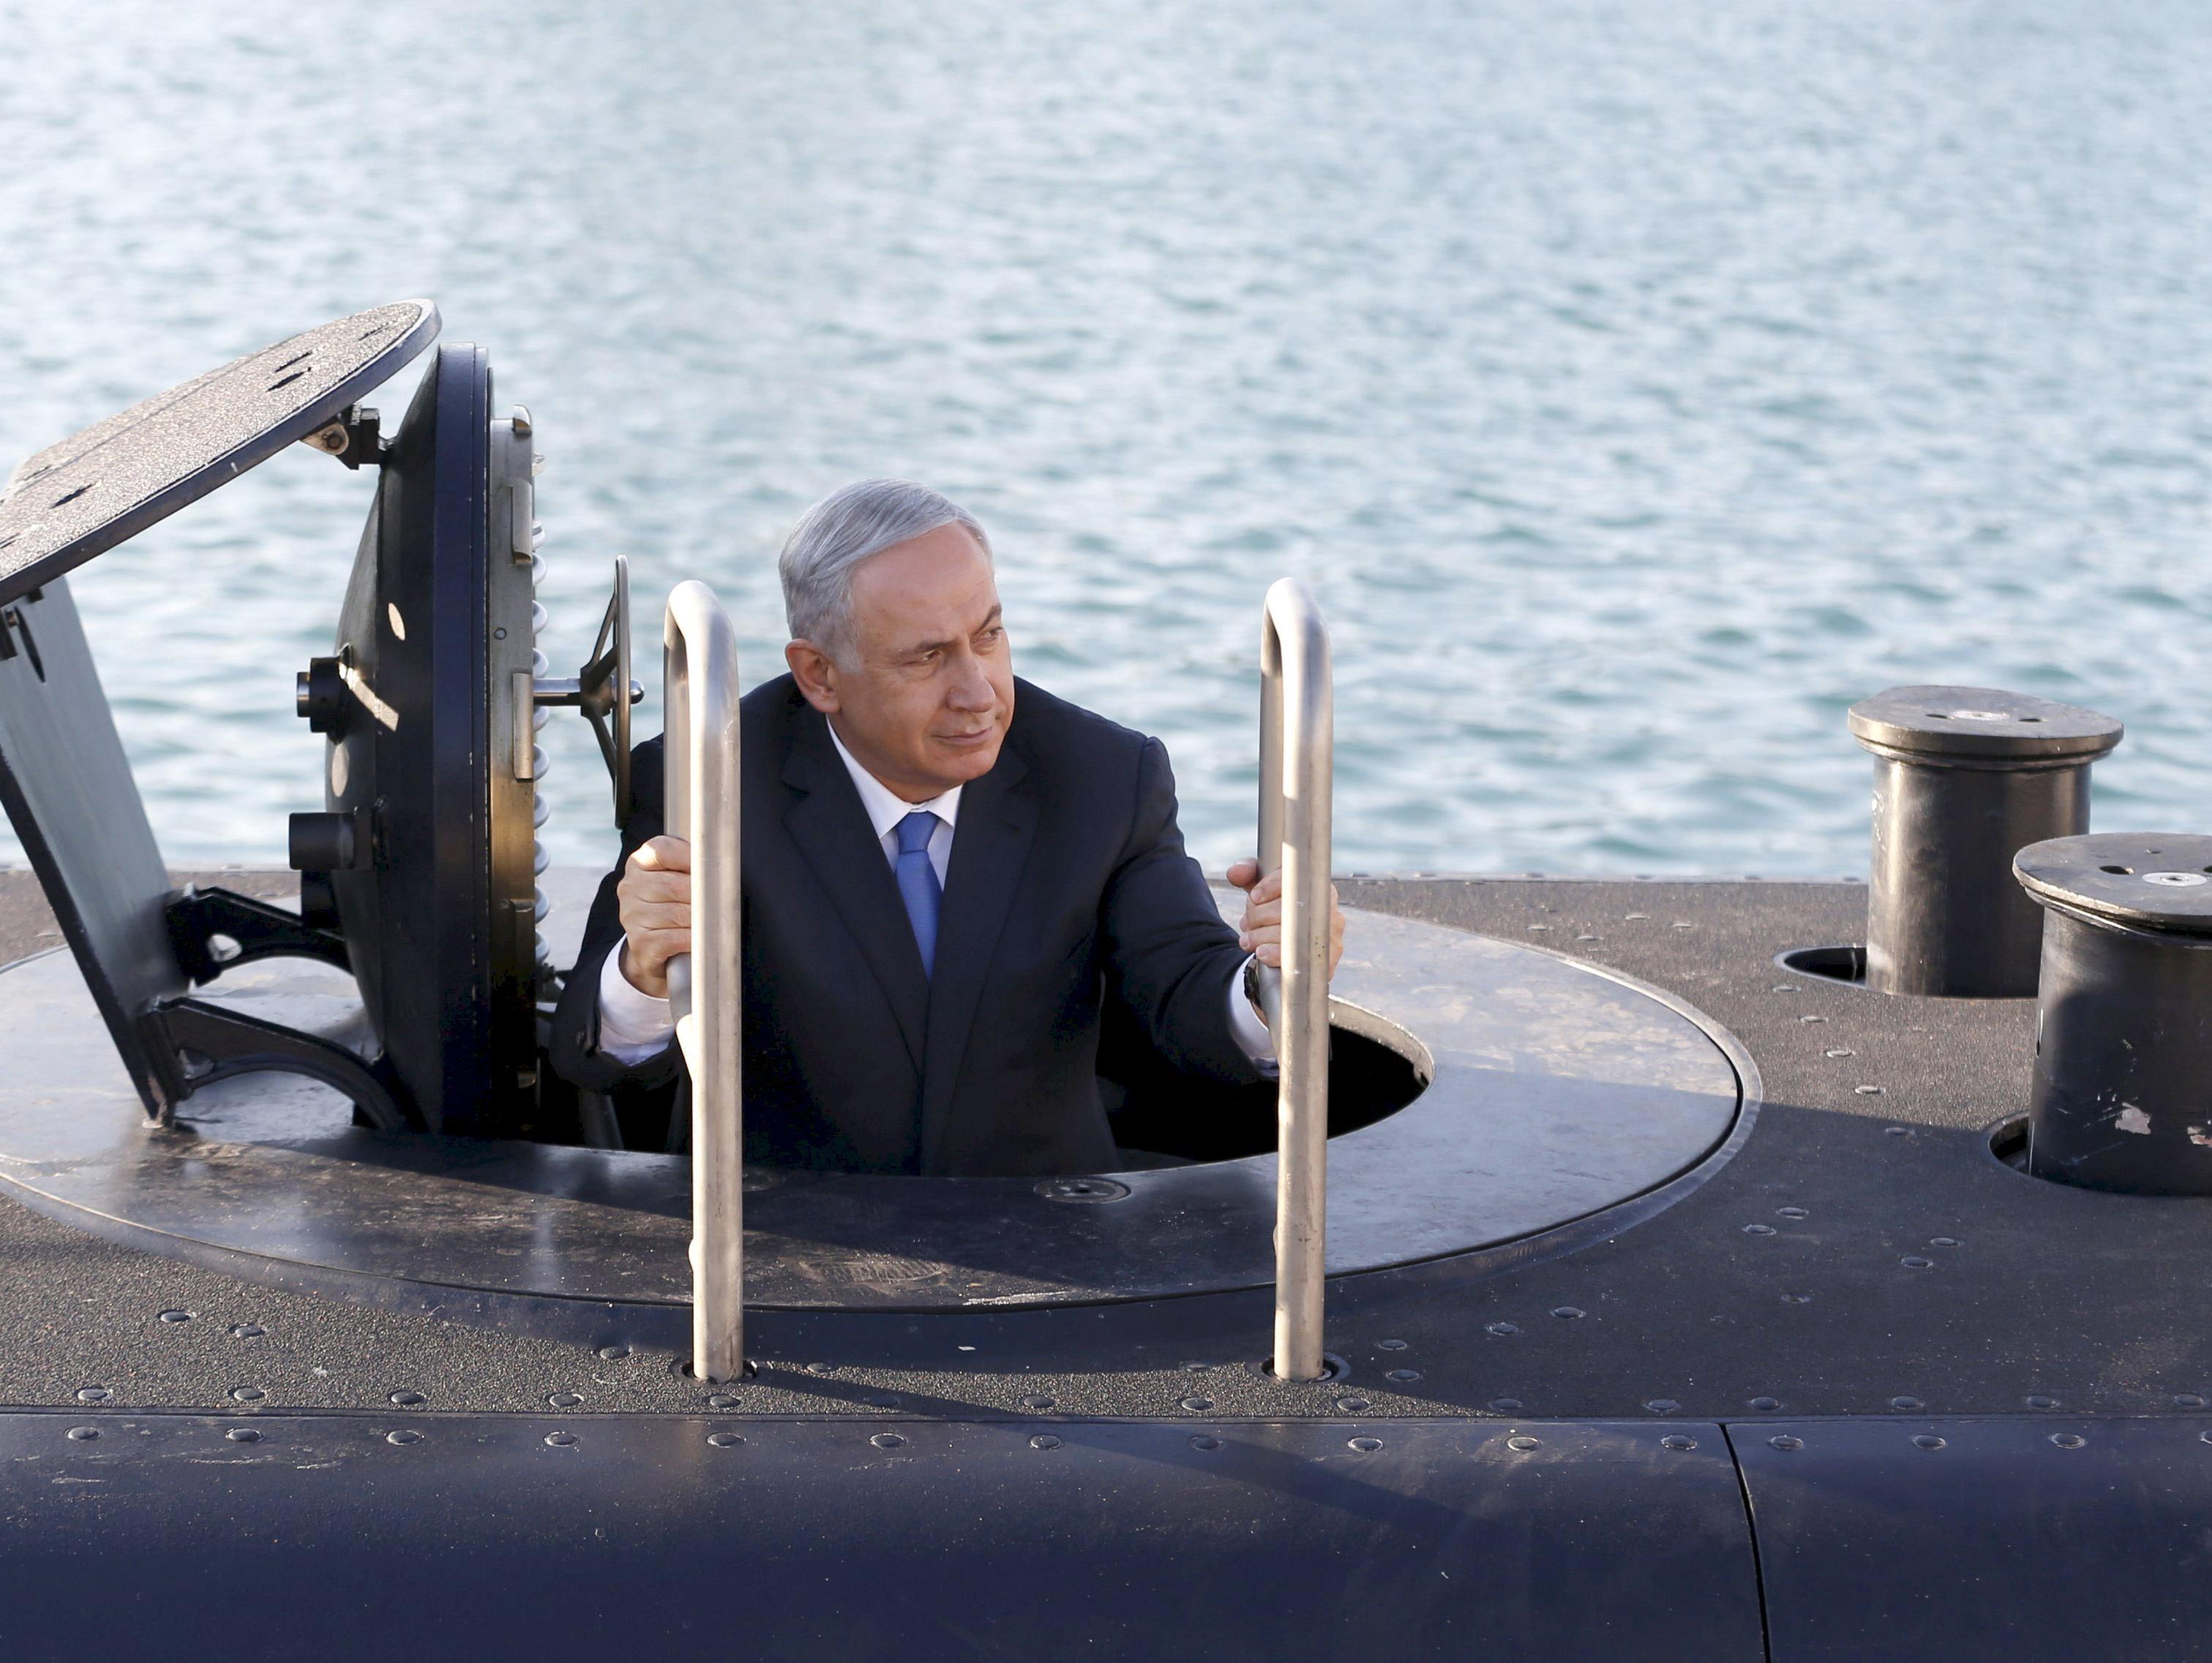 נתניהו נחלץ מהצוללת הטבועה - אך עומד מול סיכון ממשי של עונש מאסר